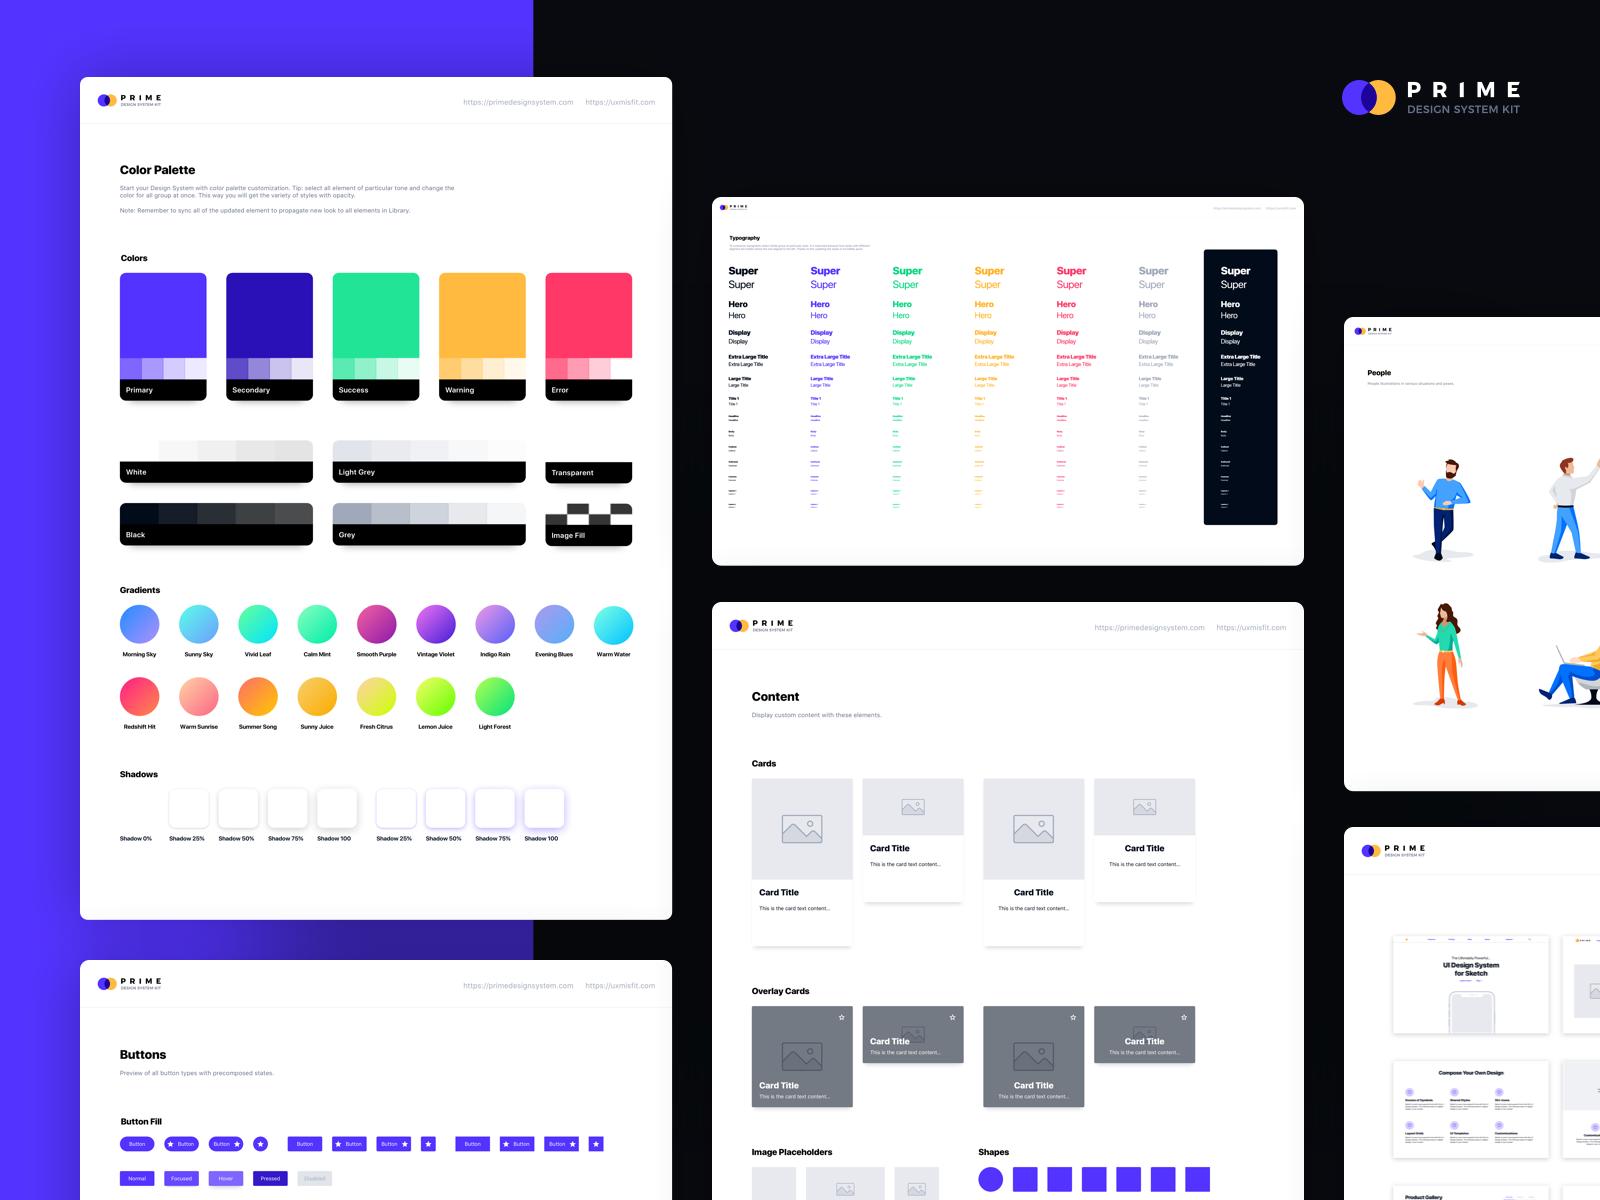 Prime design system kit